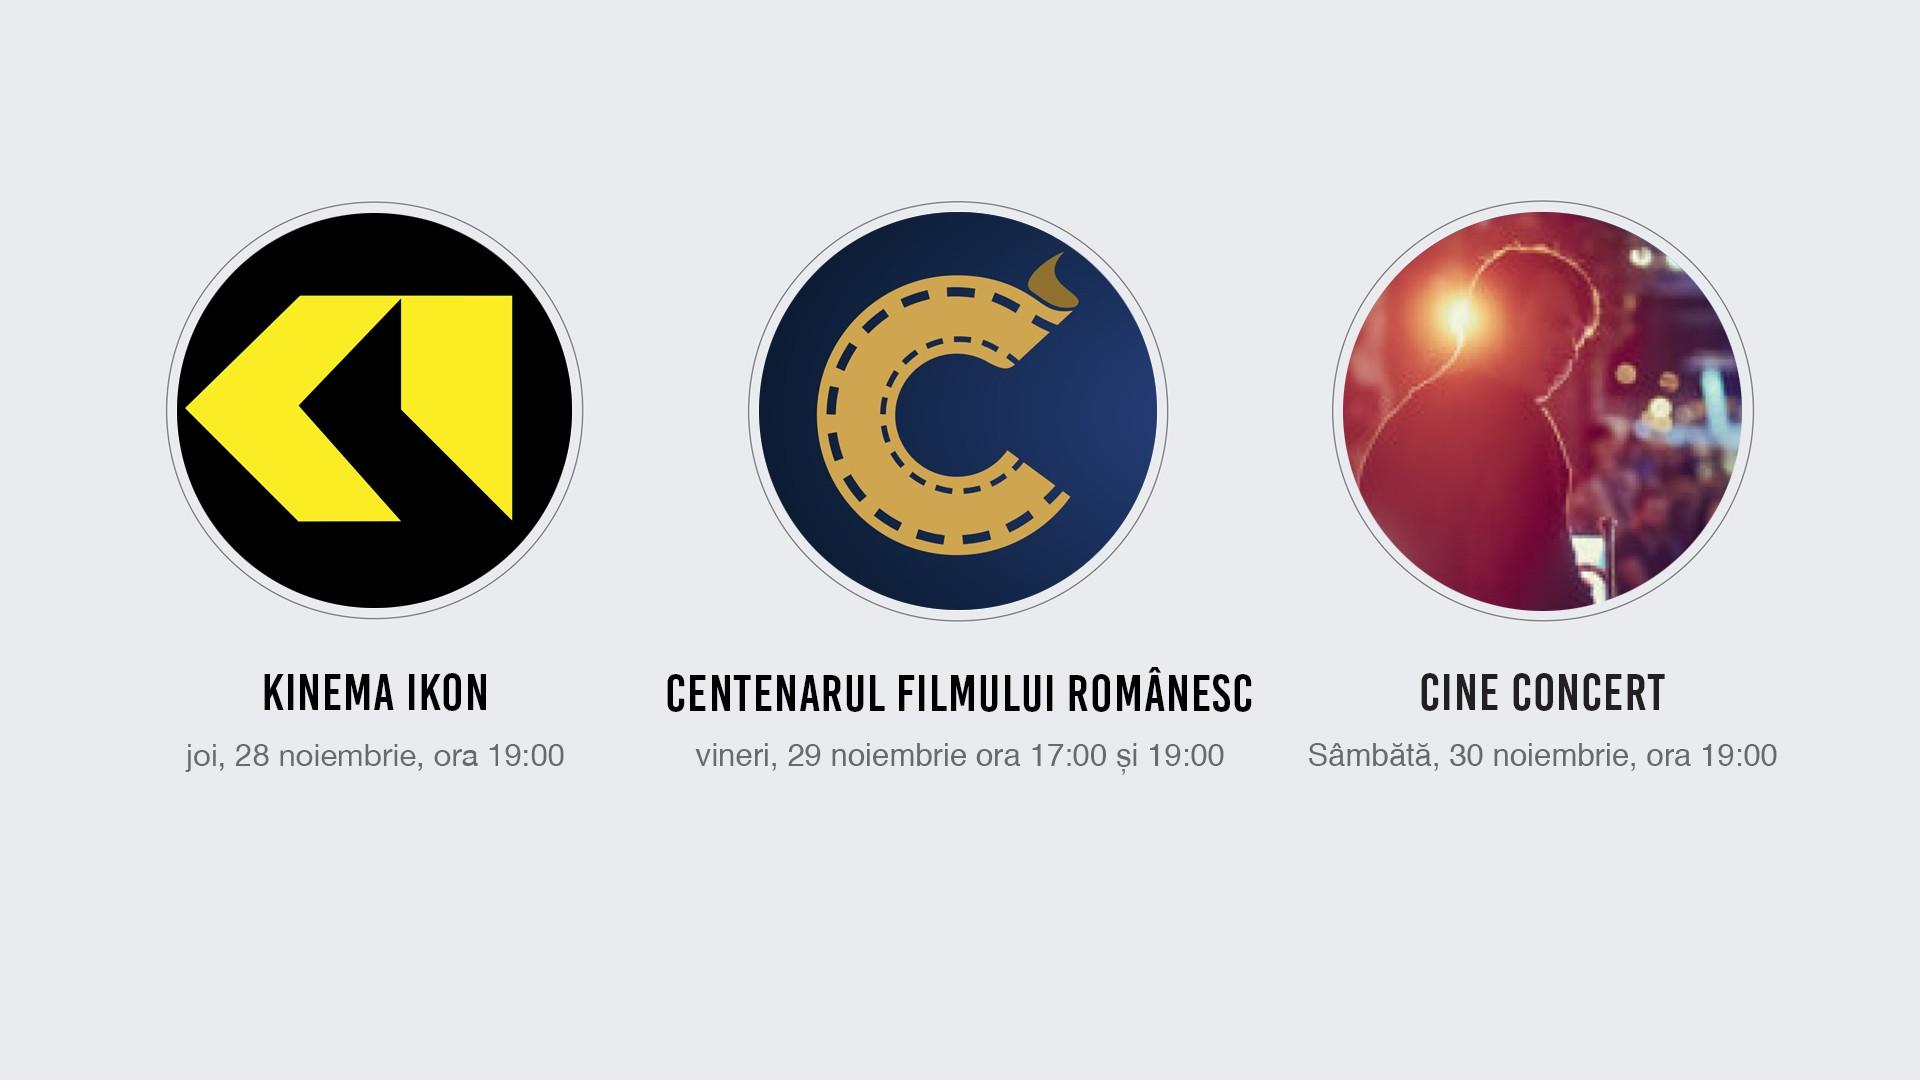 Ziua națională a României. Program special în cele trei cinematografe